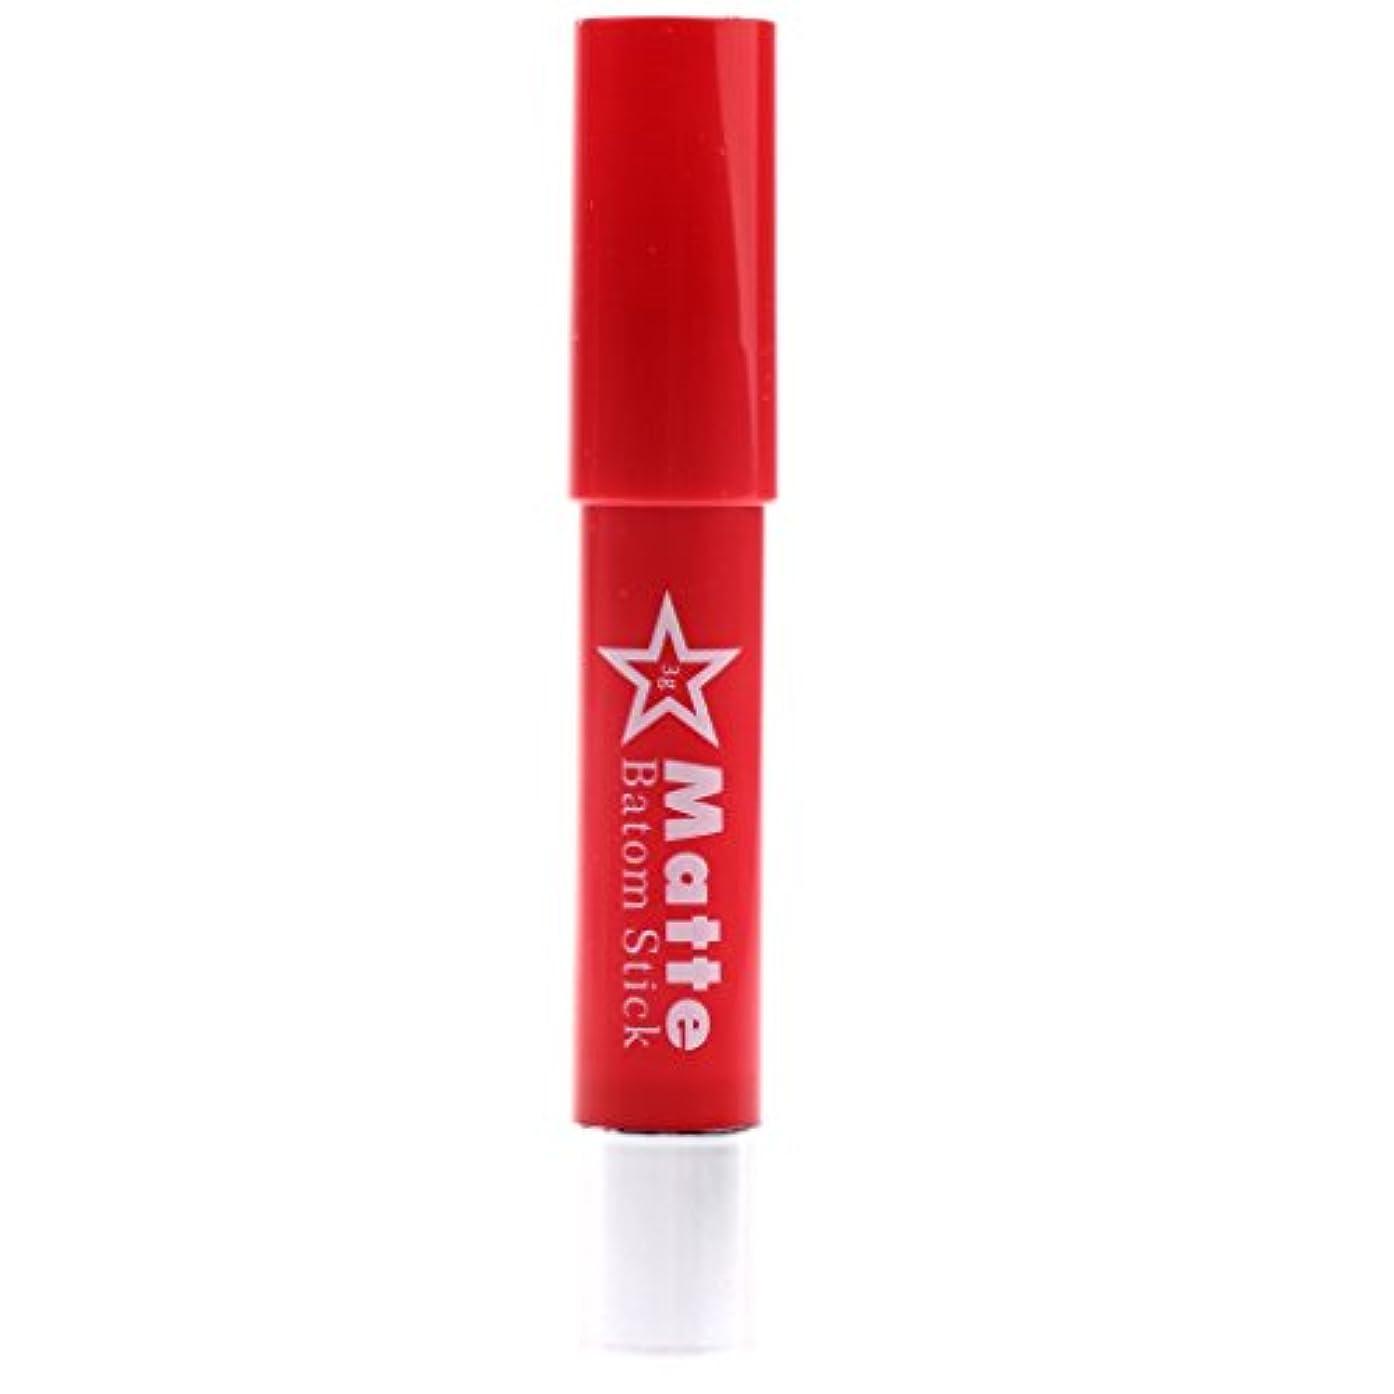 土砂降り酸素暗殺者6色セット リップスティック 口紅 長持ち 保湿 高彩度カラー 人気カラー 携帯便利 - #F